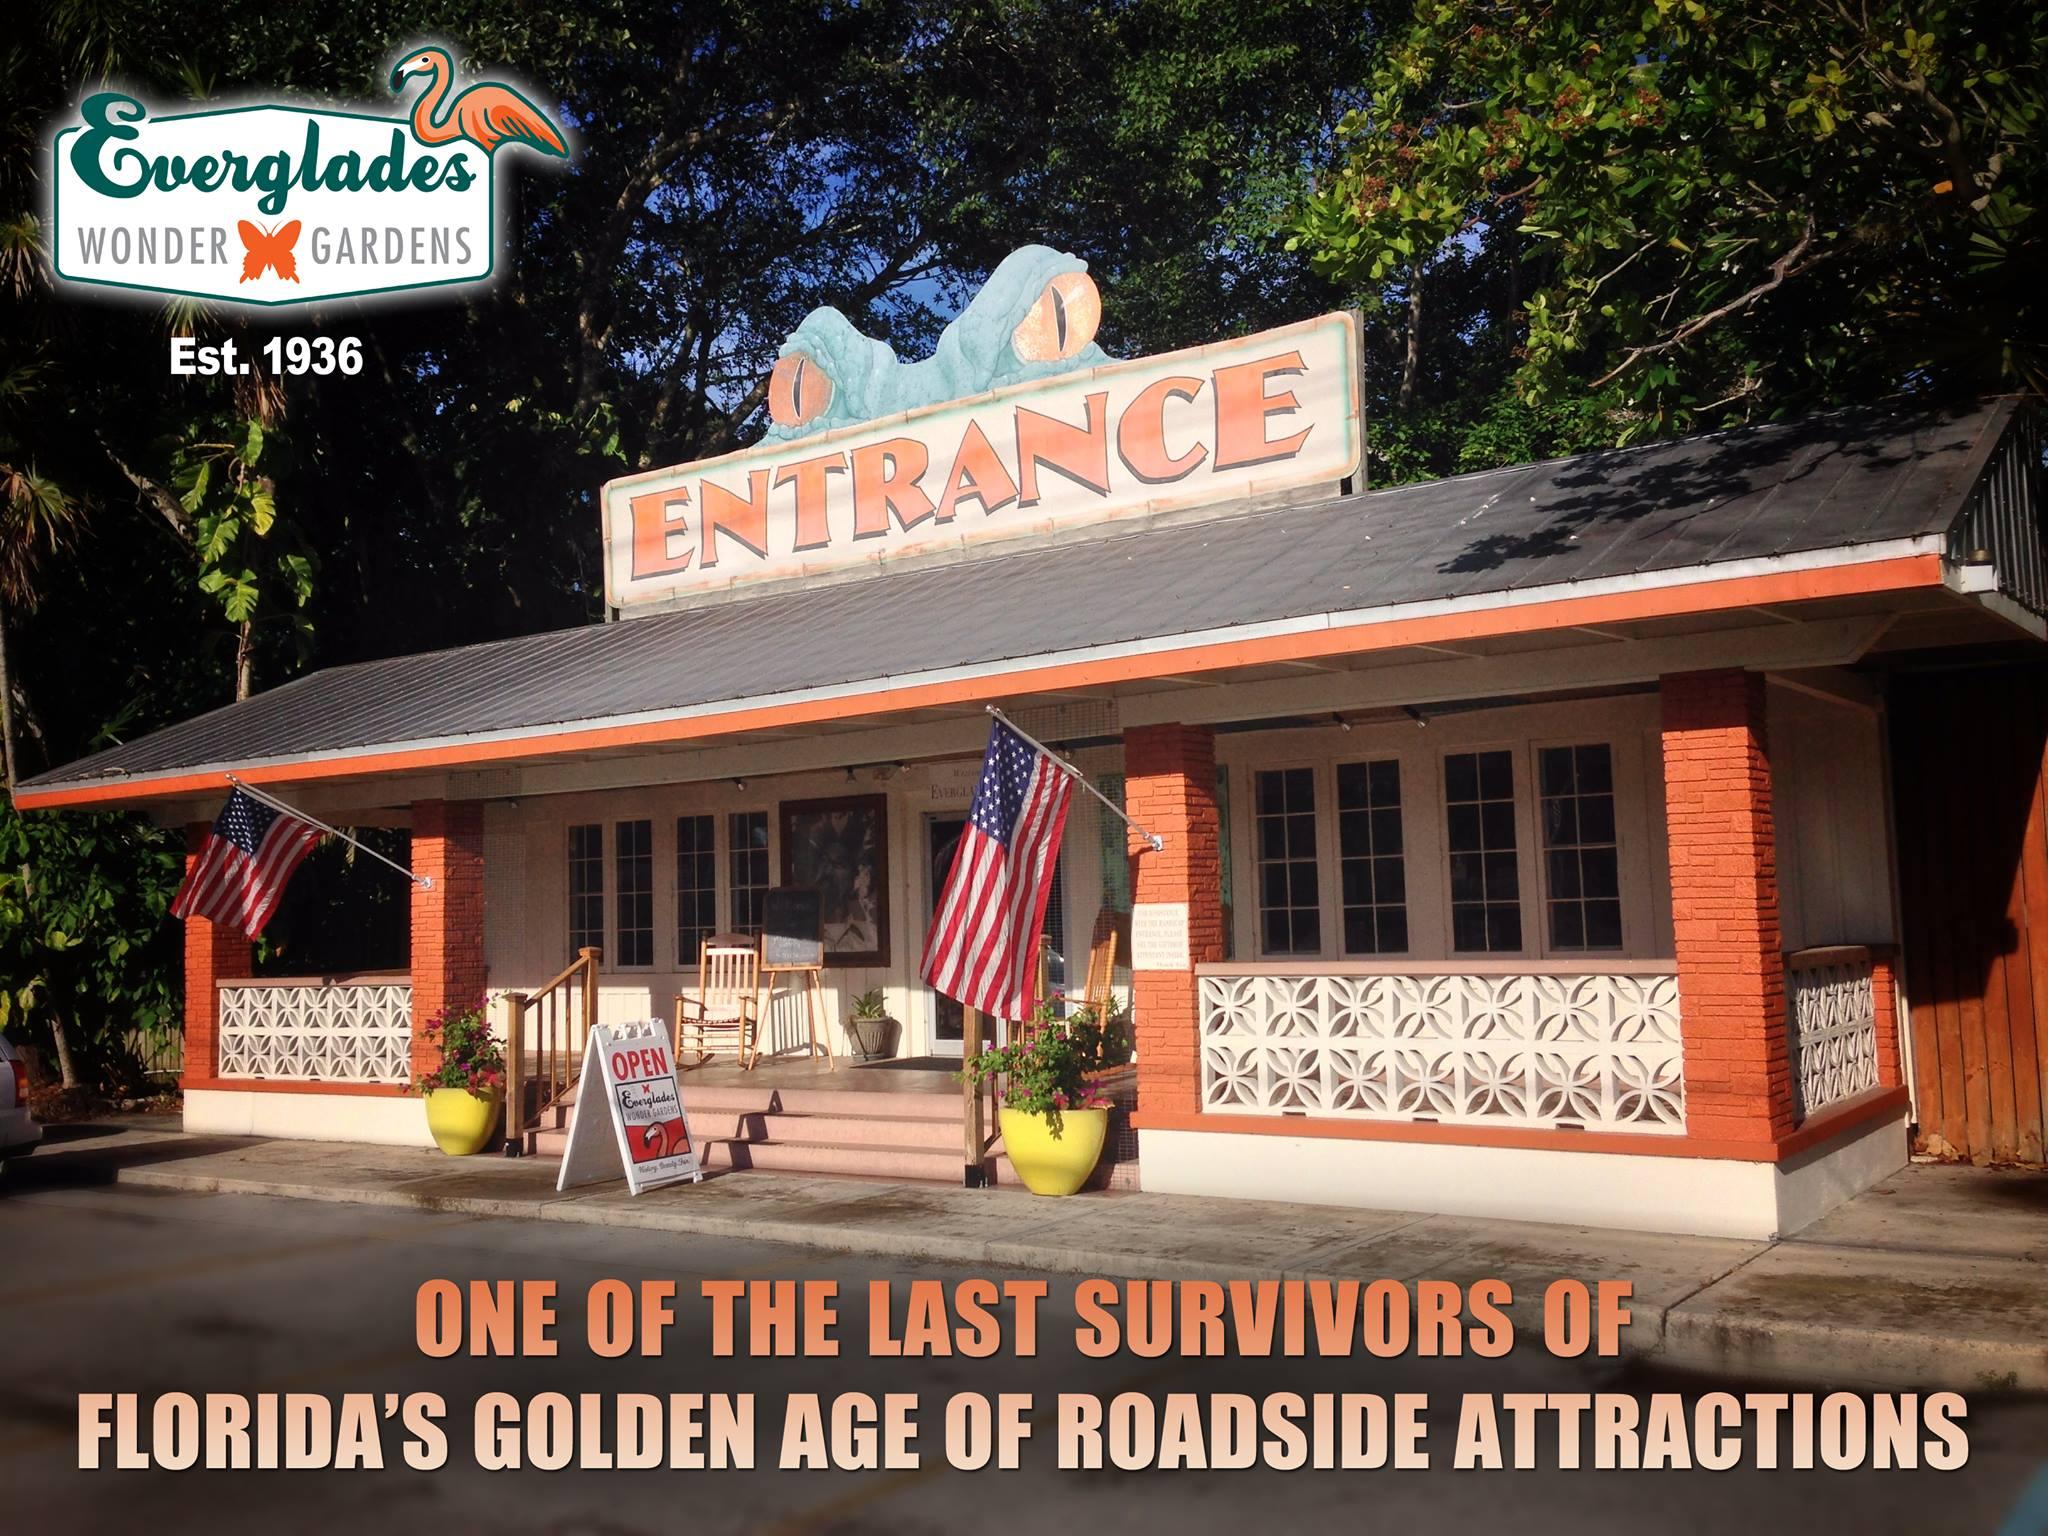 Visit Everglades Wonder Gardens Bonita Springs Fl